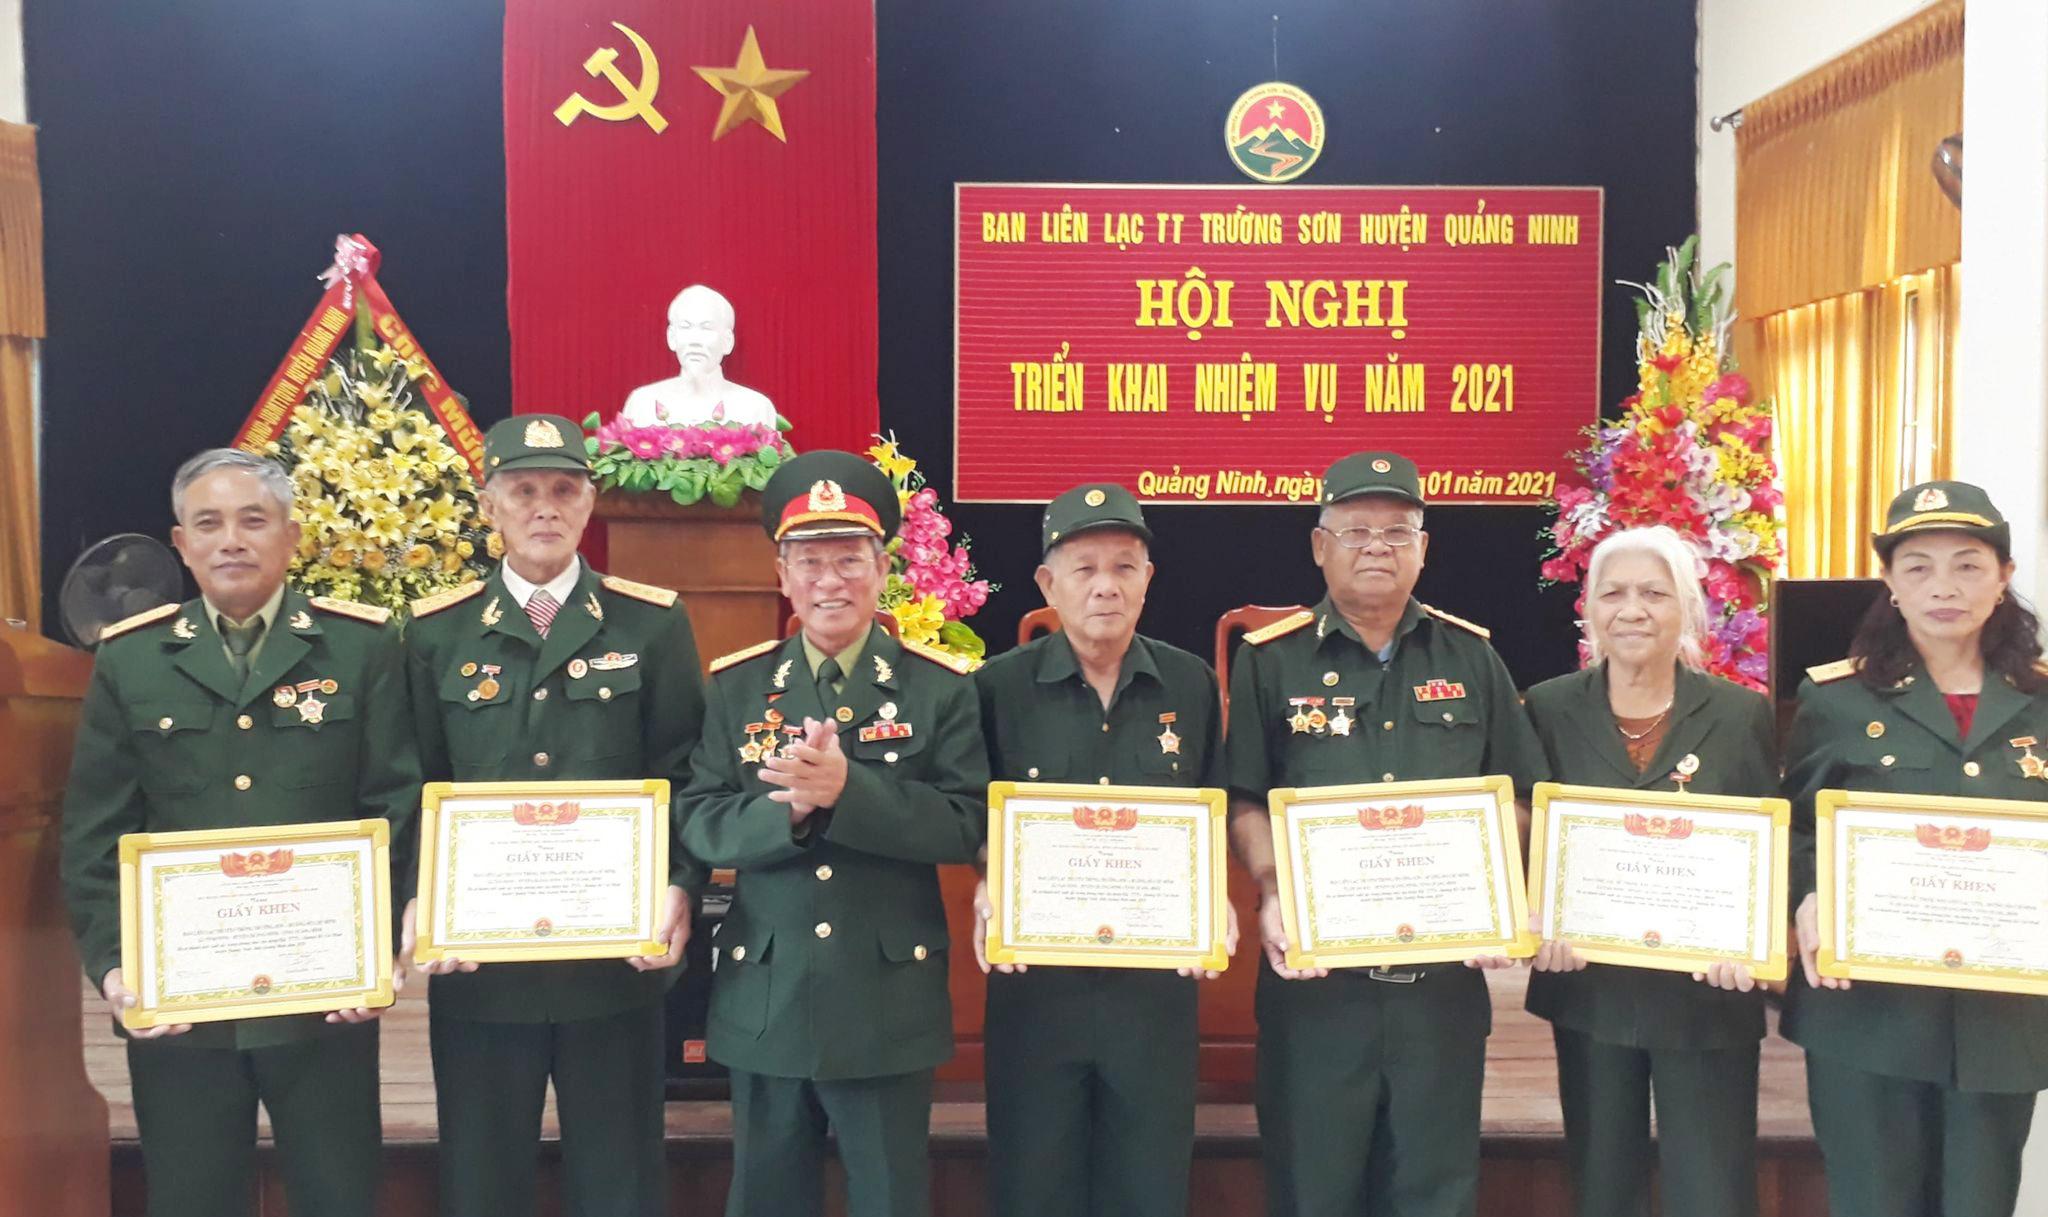 Hội nghị Tổng kết năm 2020 của Ban LL Hội Trường Sơn huyện Quảng Ninh, Quảng Bình